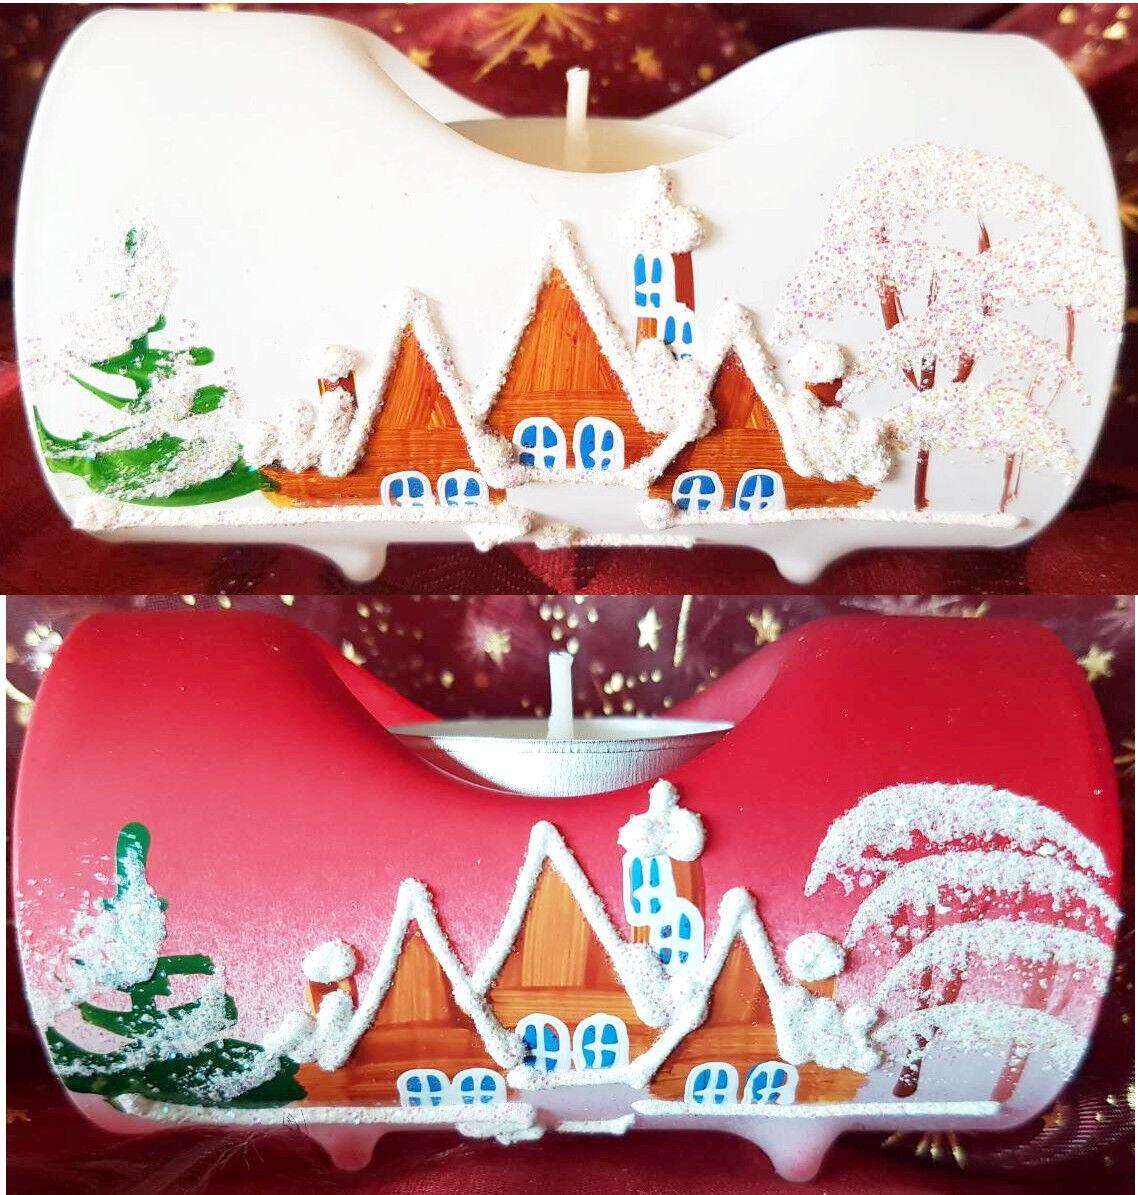 Kerzenständer Weihnachten Deko Glas Teelicht Kerzen Advent Handbemalt Wohnen WOW